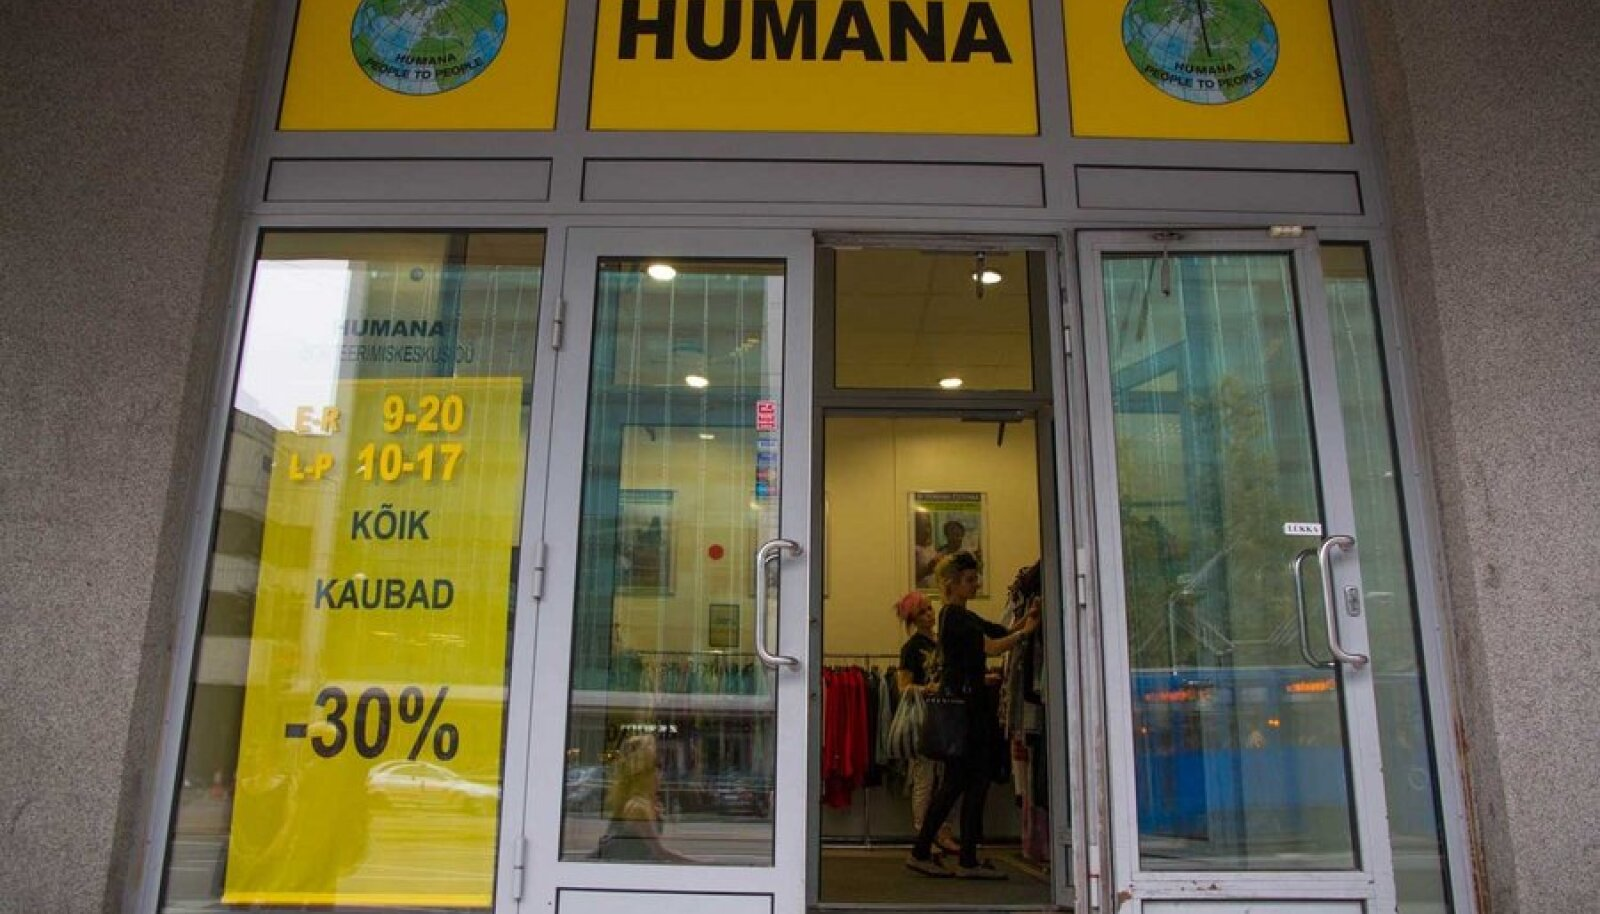 Eestlased jätavad Humanasse miljoneid eurosid. (Foto: Eva Ligi)